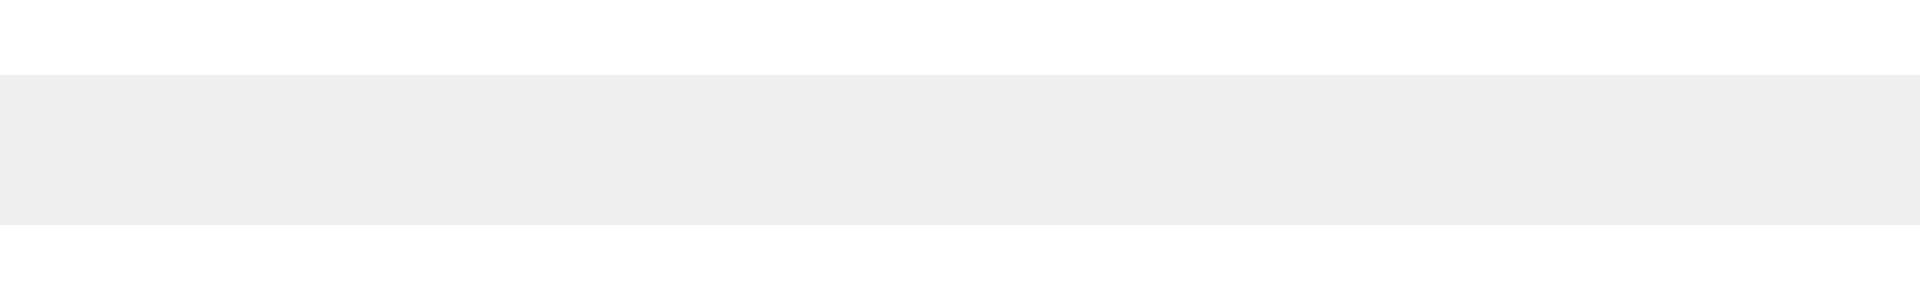 Registratori AJA KiPro in Avacab - Distributore ufficiale